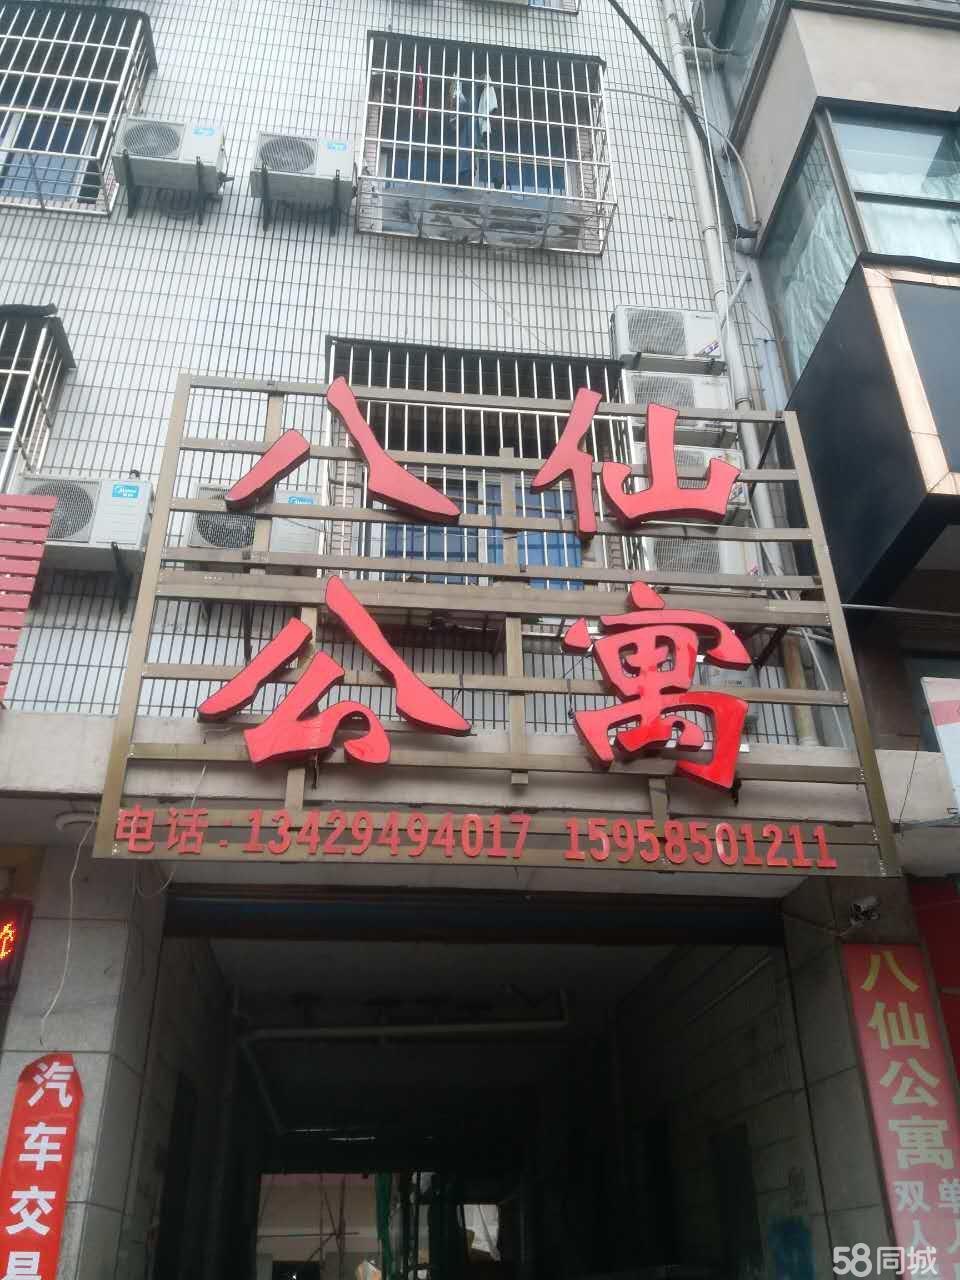 上虞八仙公寓1室1廳35平米豪華裝修押一付一